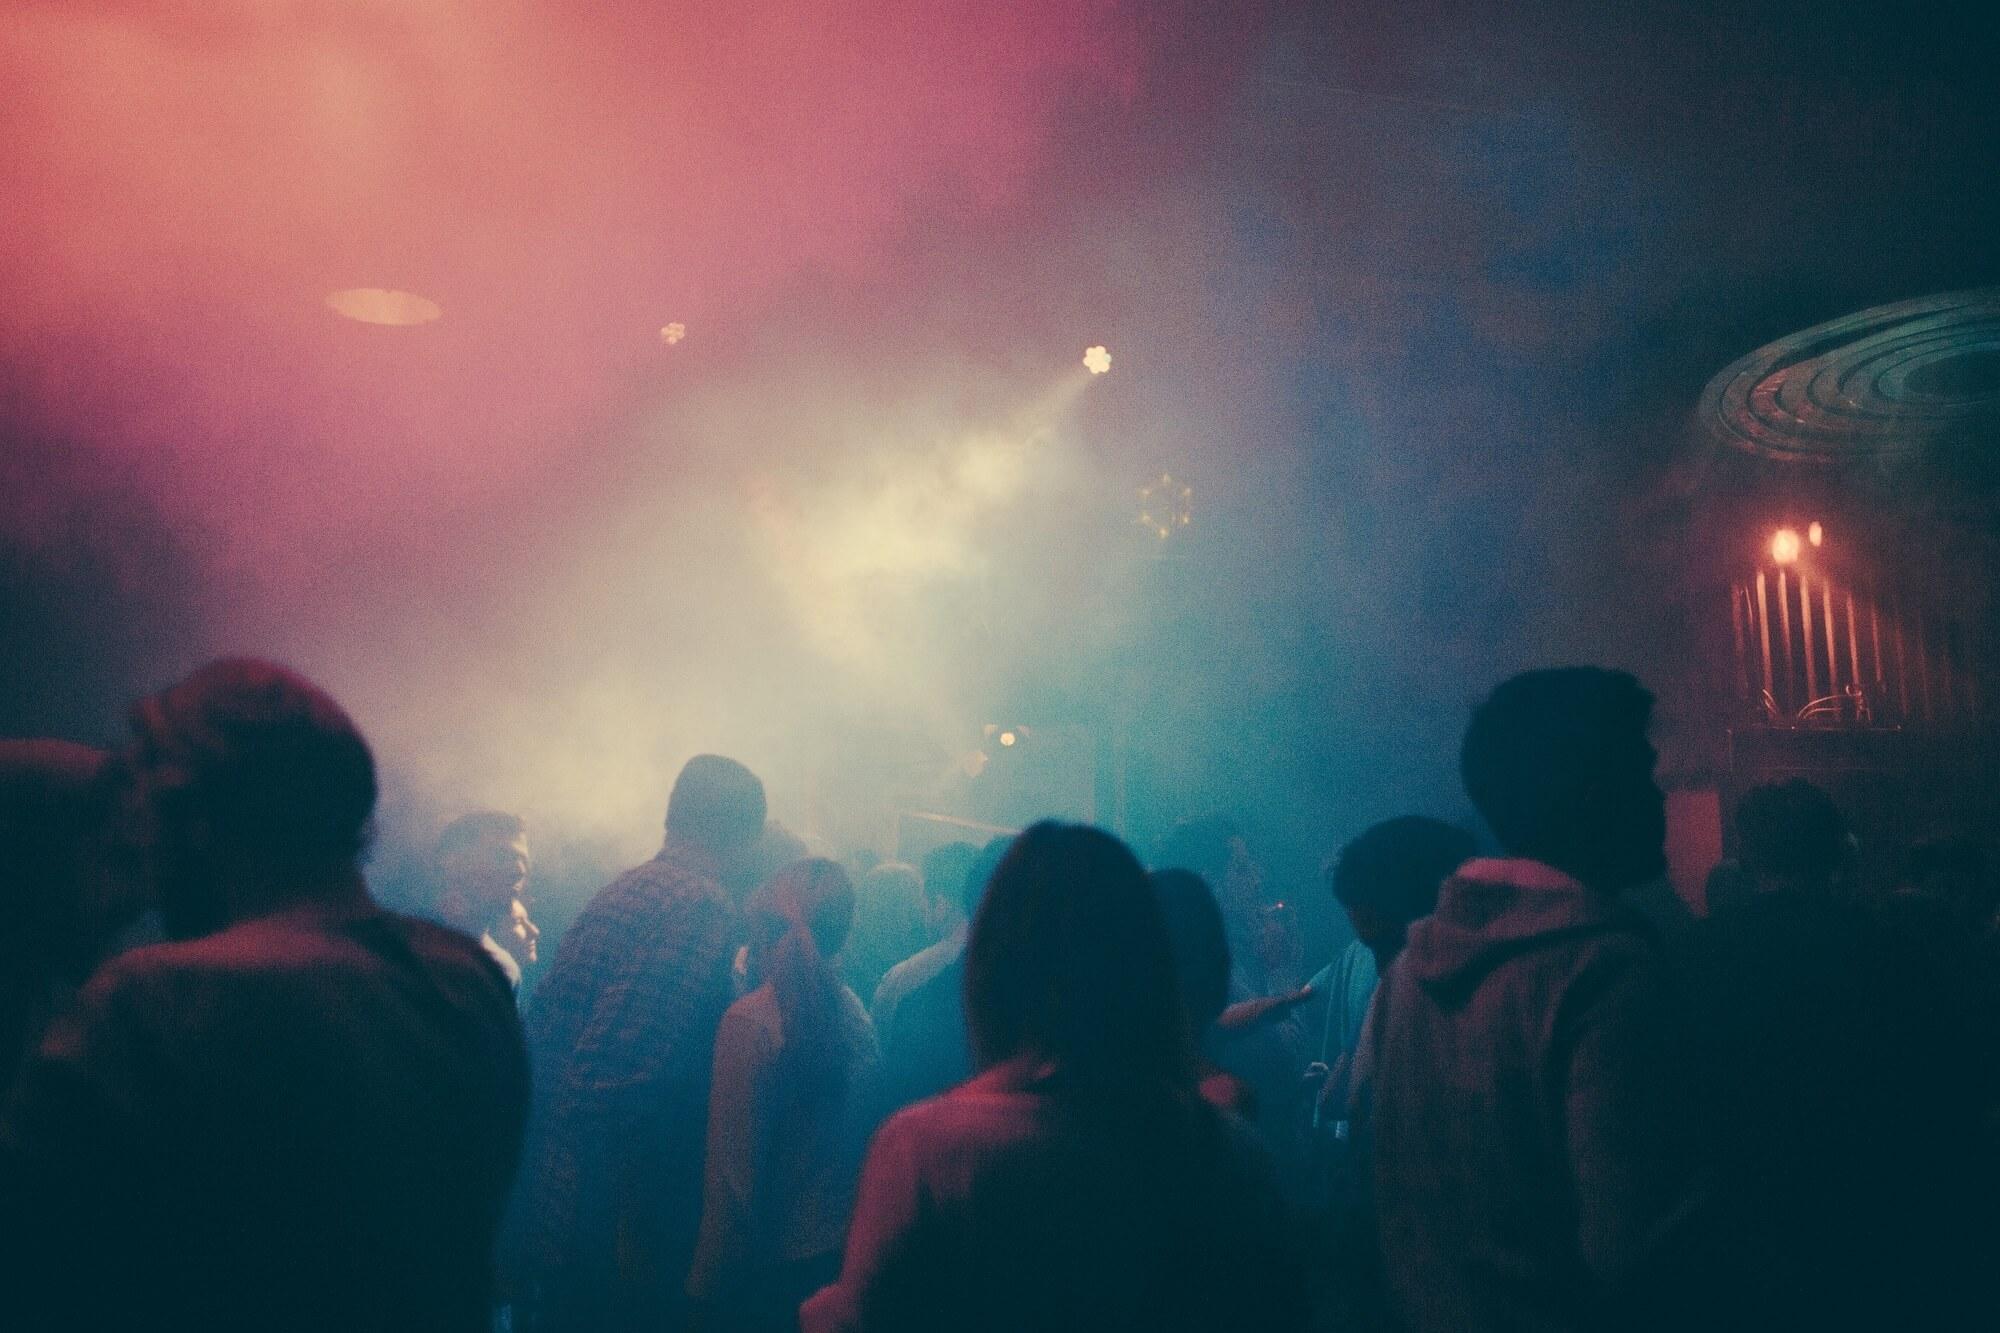 foggy-dance-club broadie Vissers